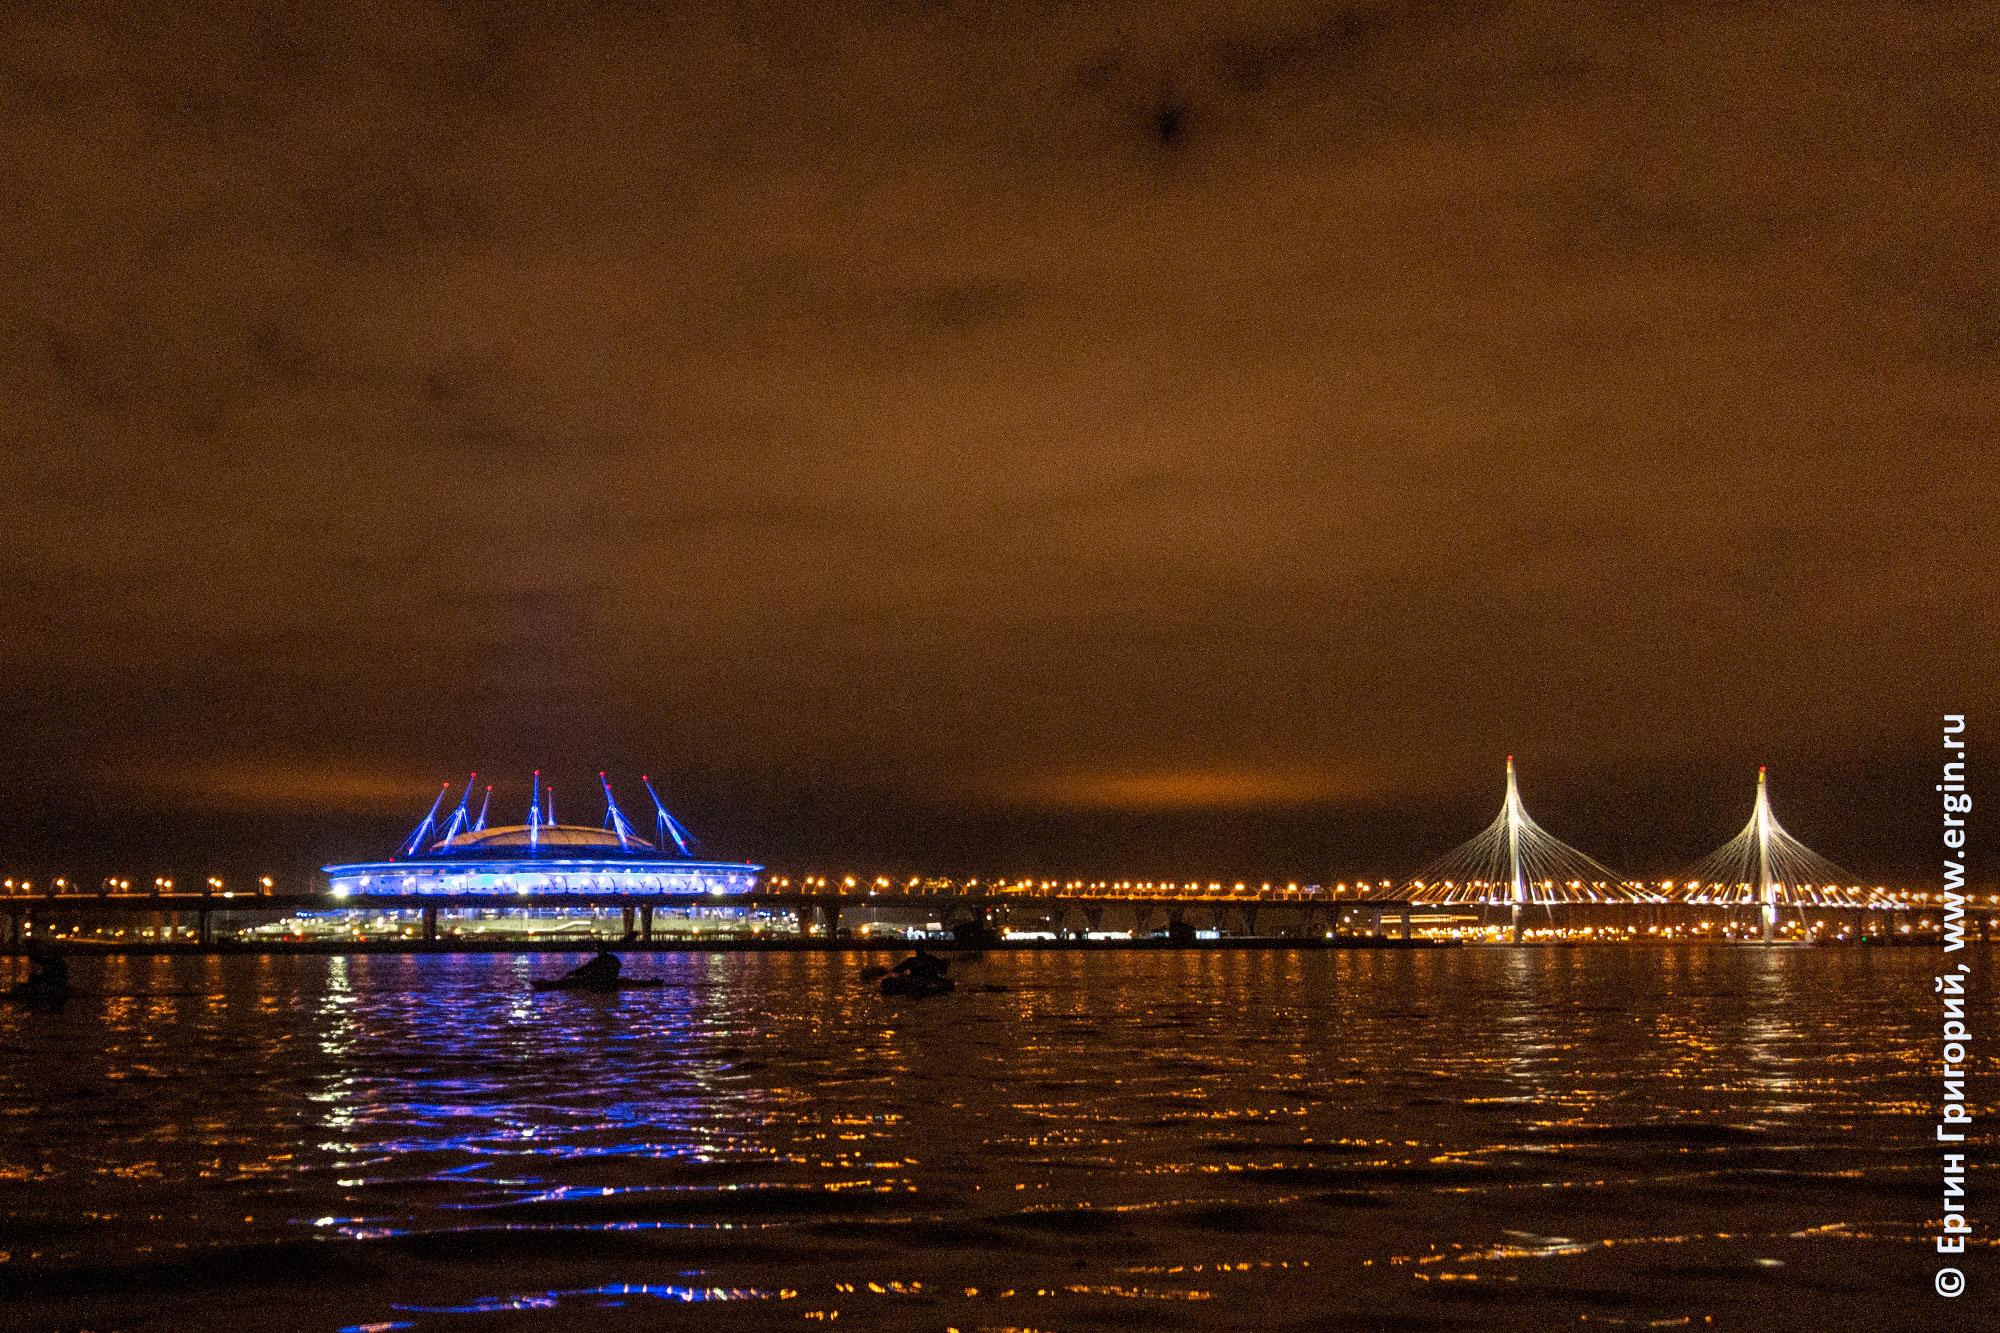 Зарево на Неве над Санкт-Петербургом отражение огней